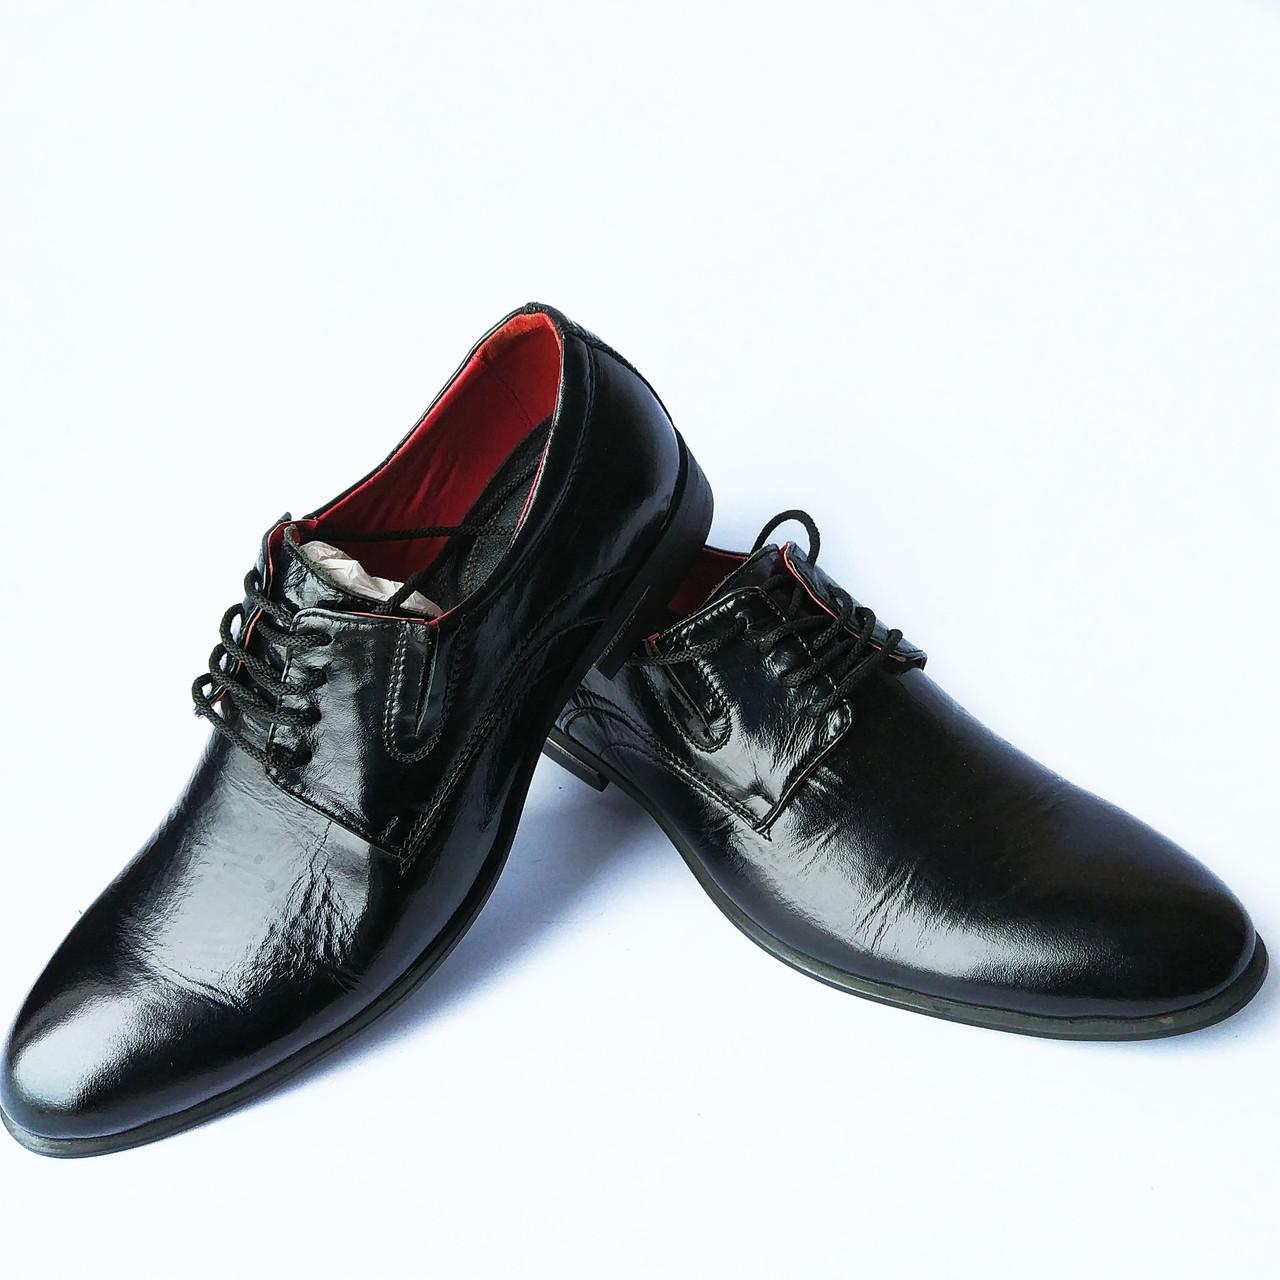 8f525b958 Мужская обувь Бровары : стильные, лаковые, черные туфли фабрики Prime shoes  - Интернет-